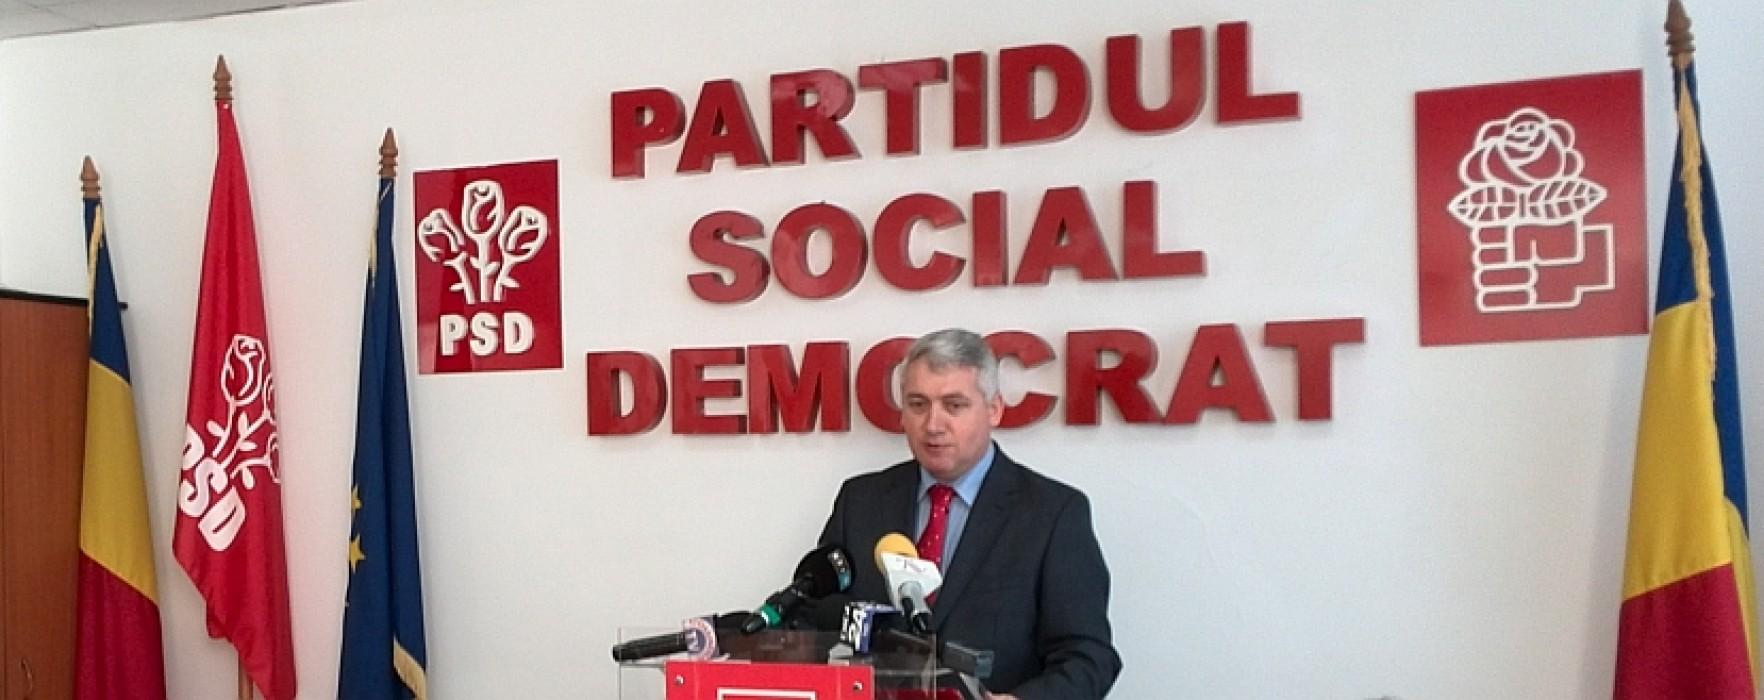 Dâmboviţa: 18 primari PDL au trecut la PSD